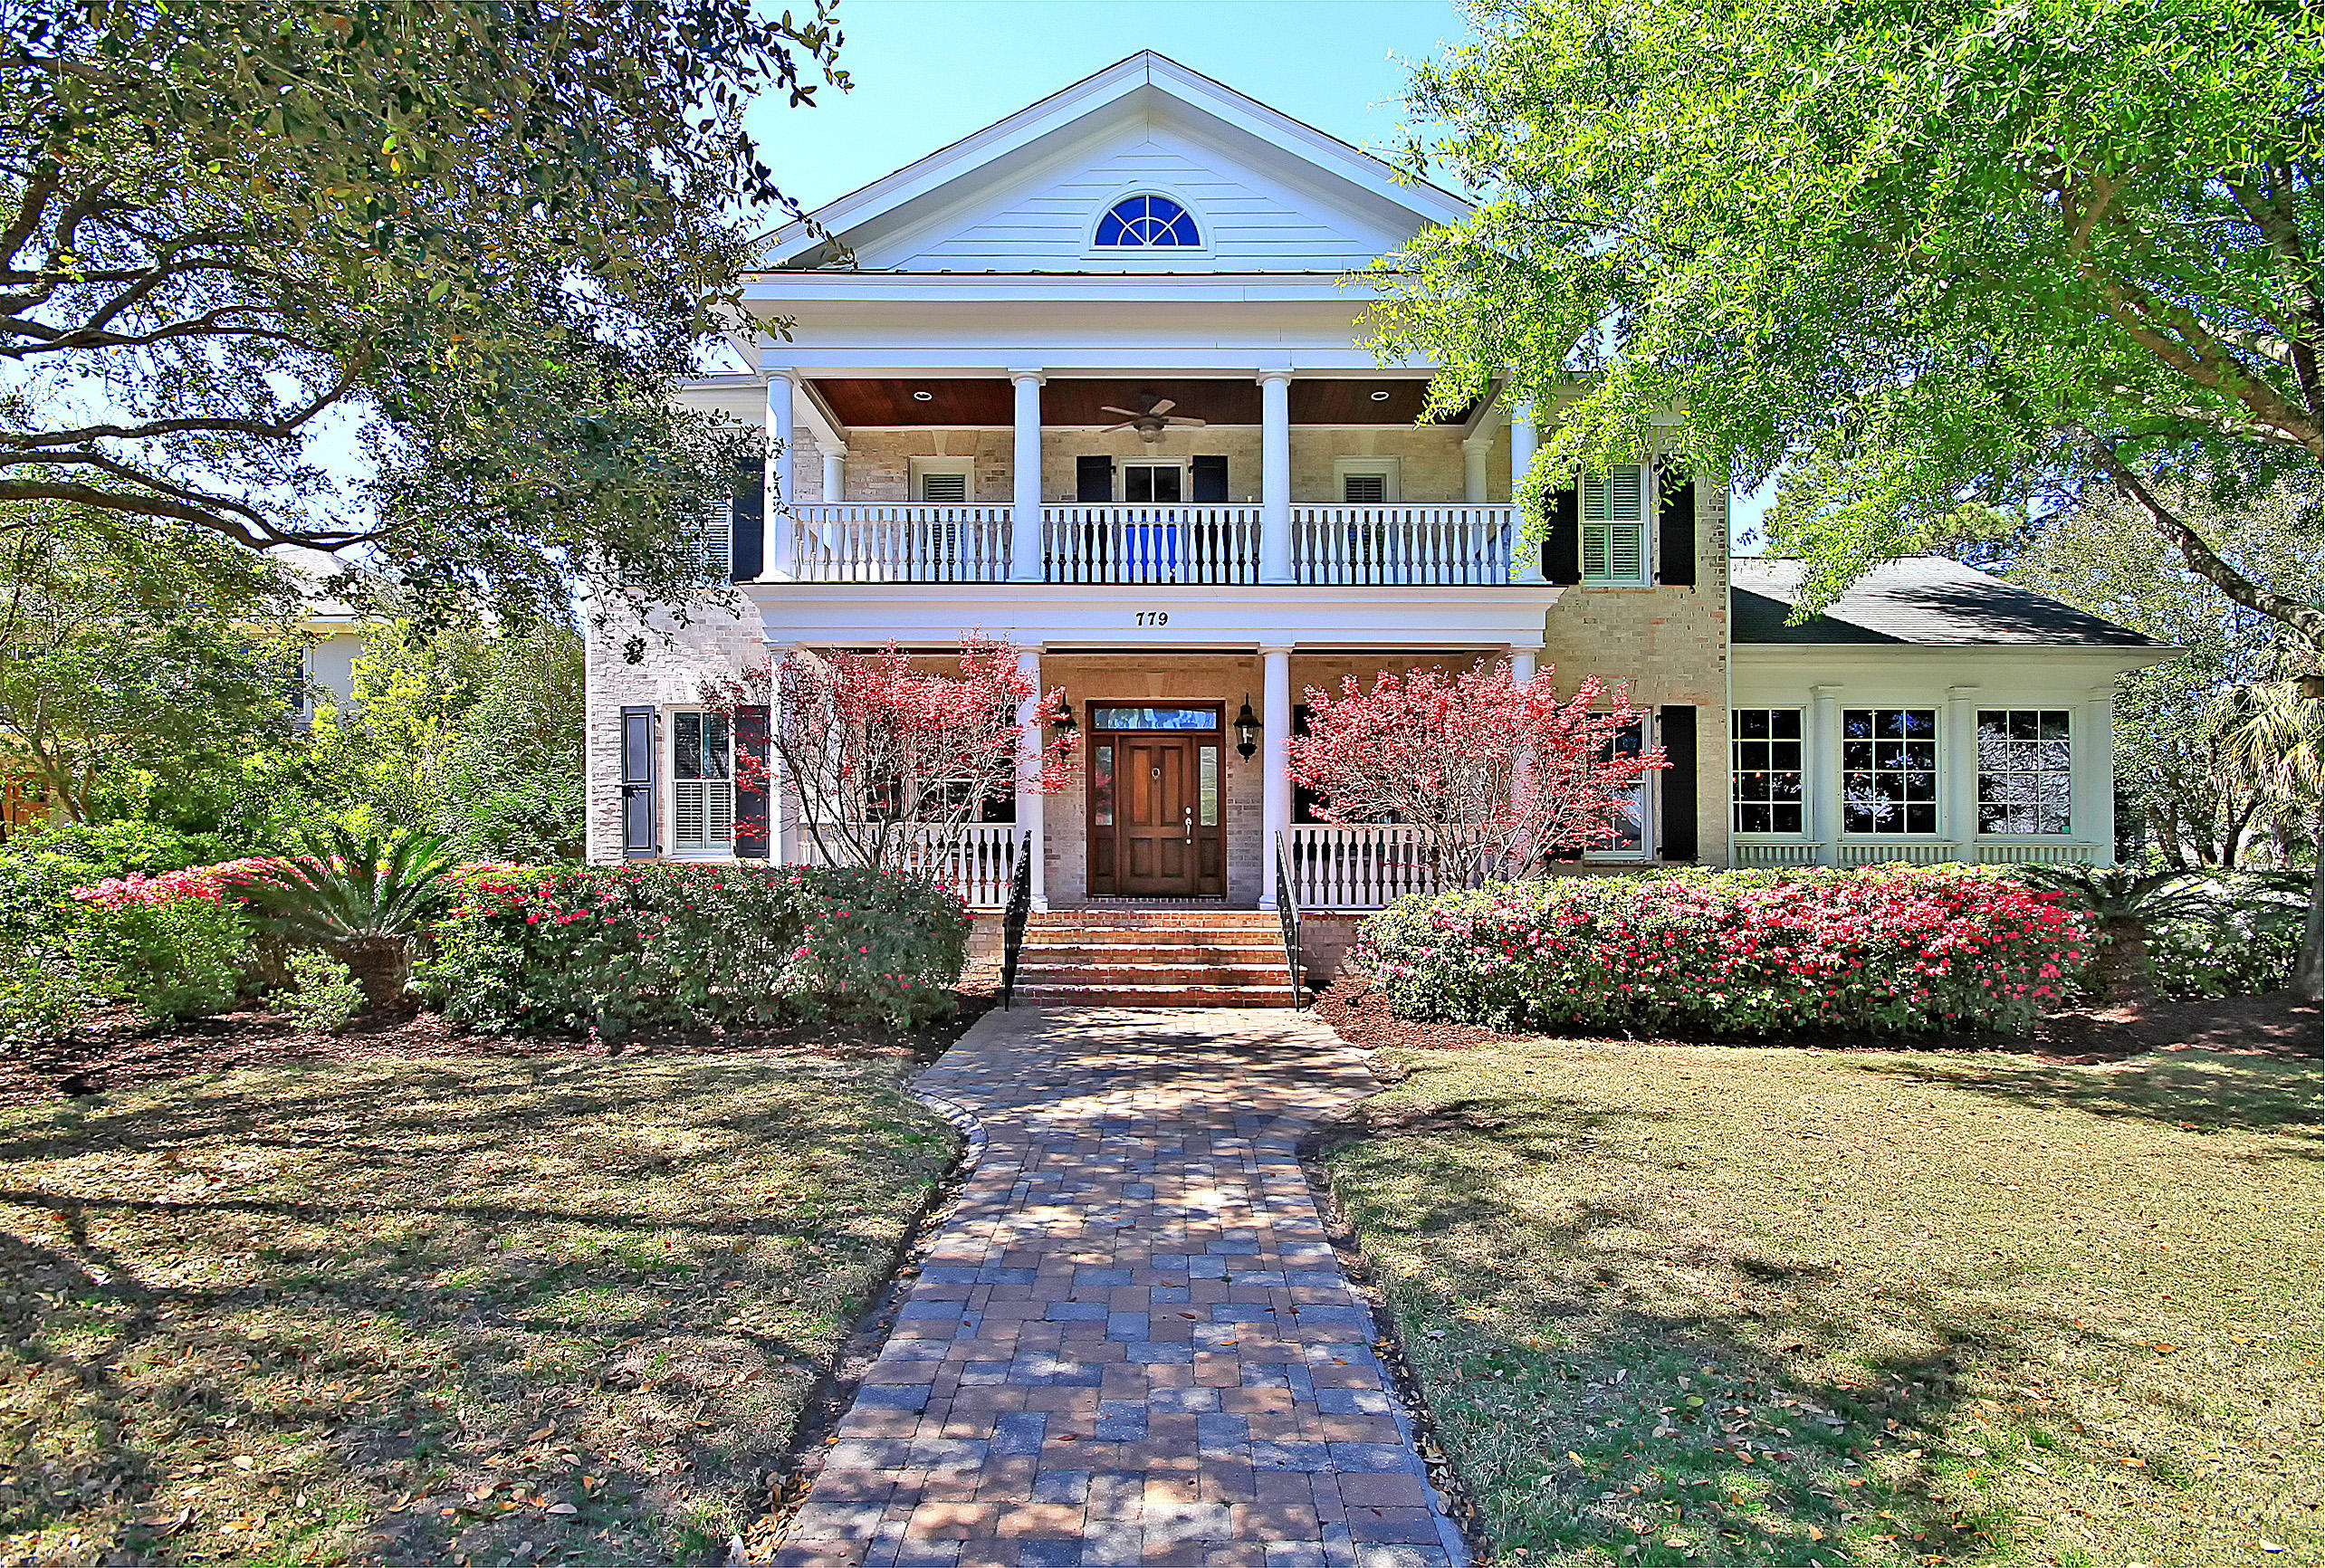 Ask Frank Real Estate Services - MLS Number: 19008939